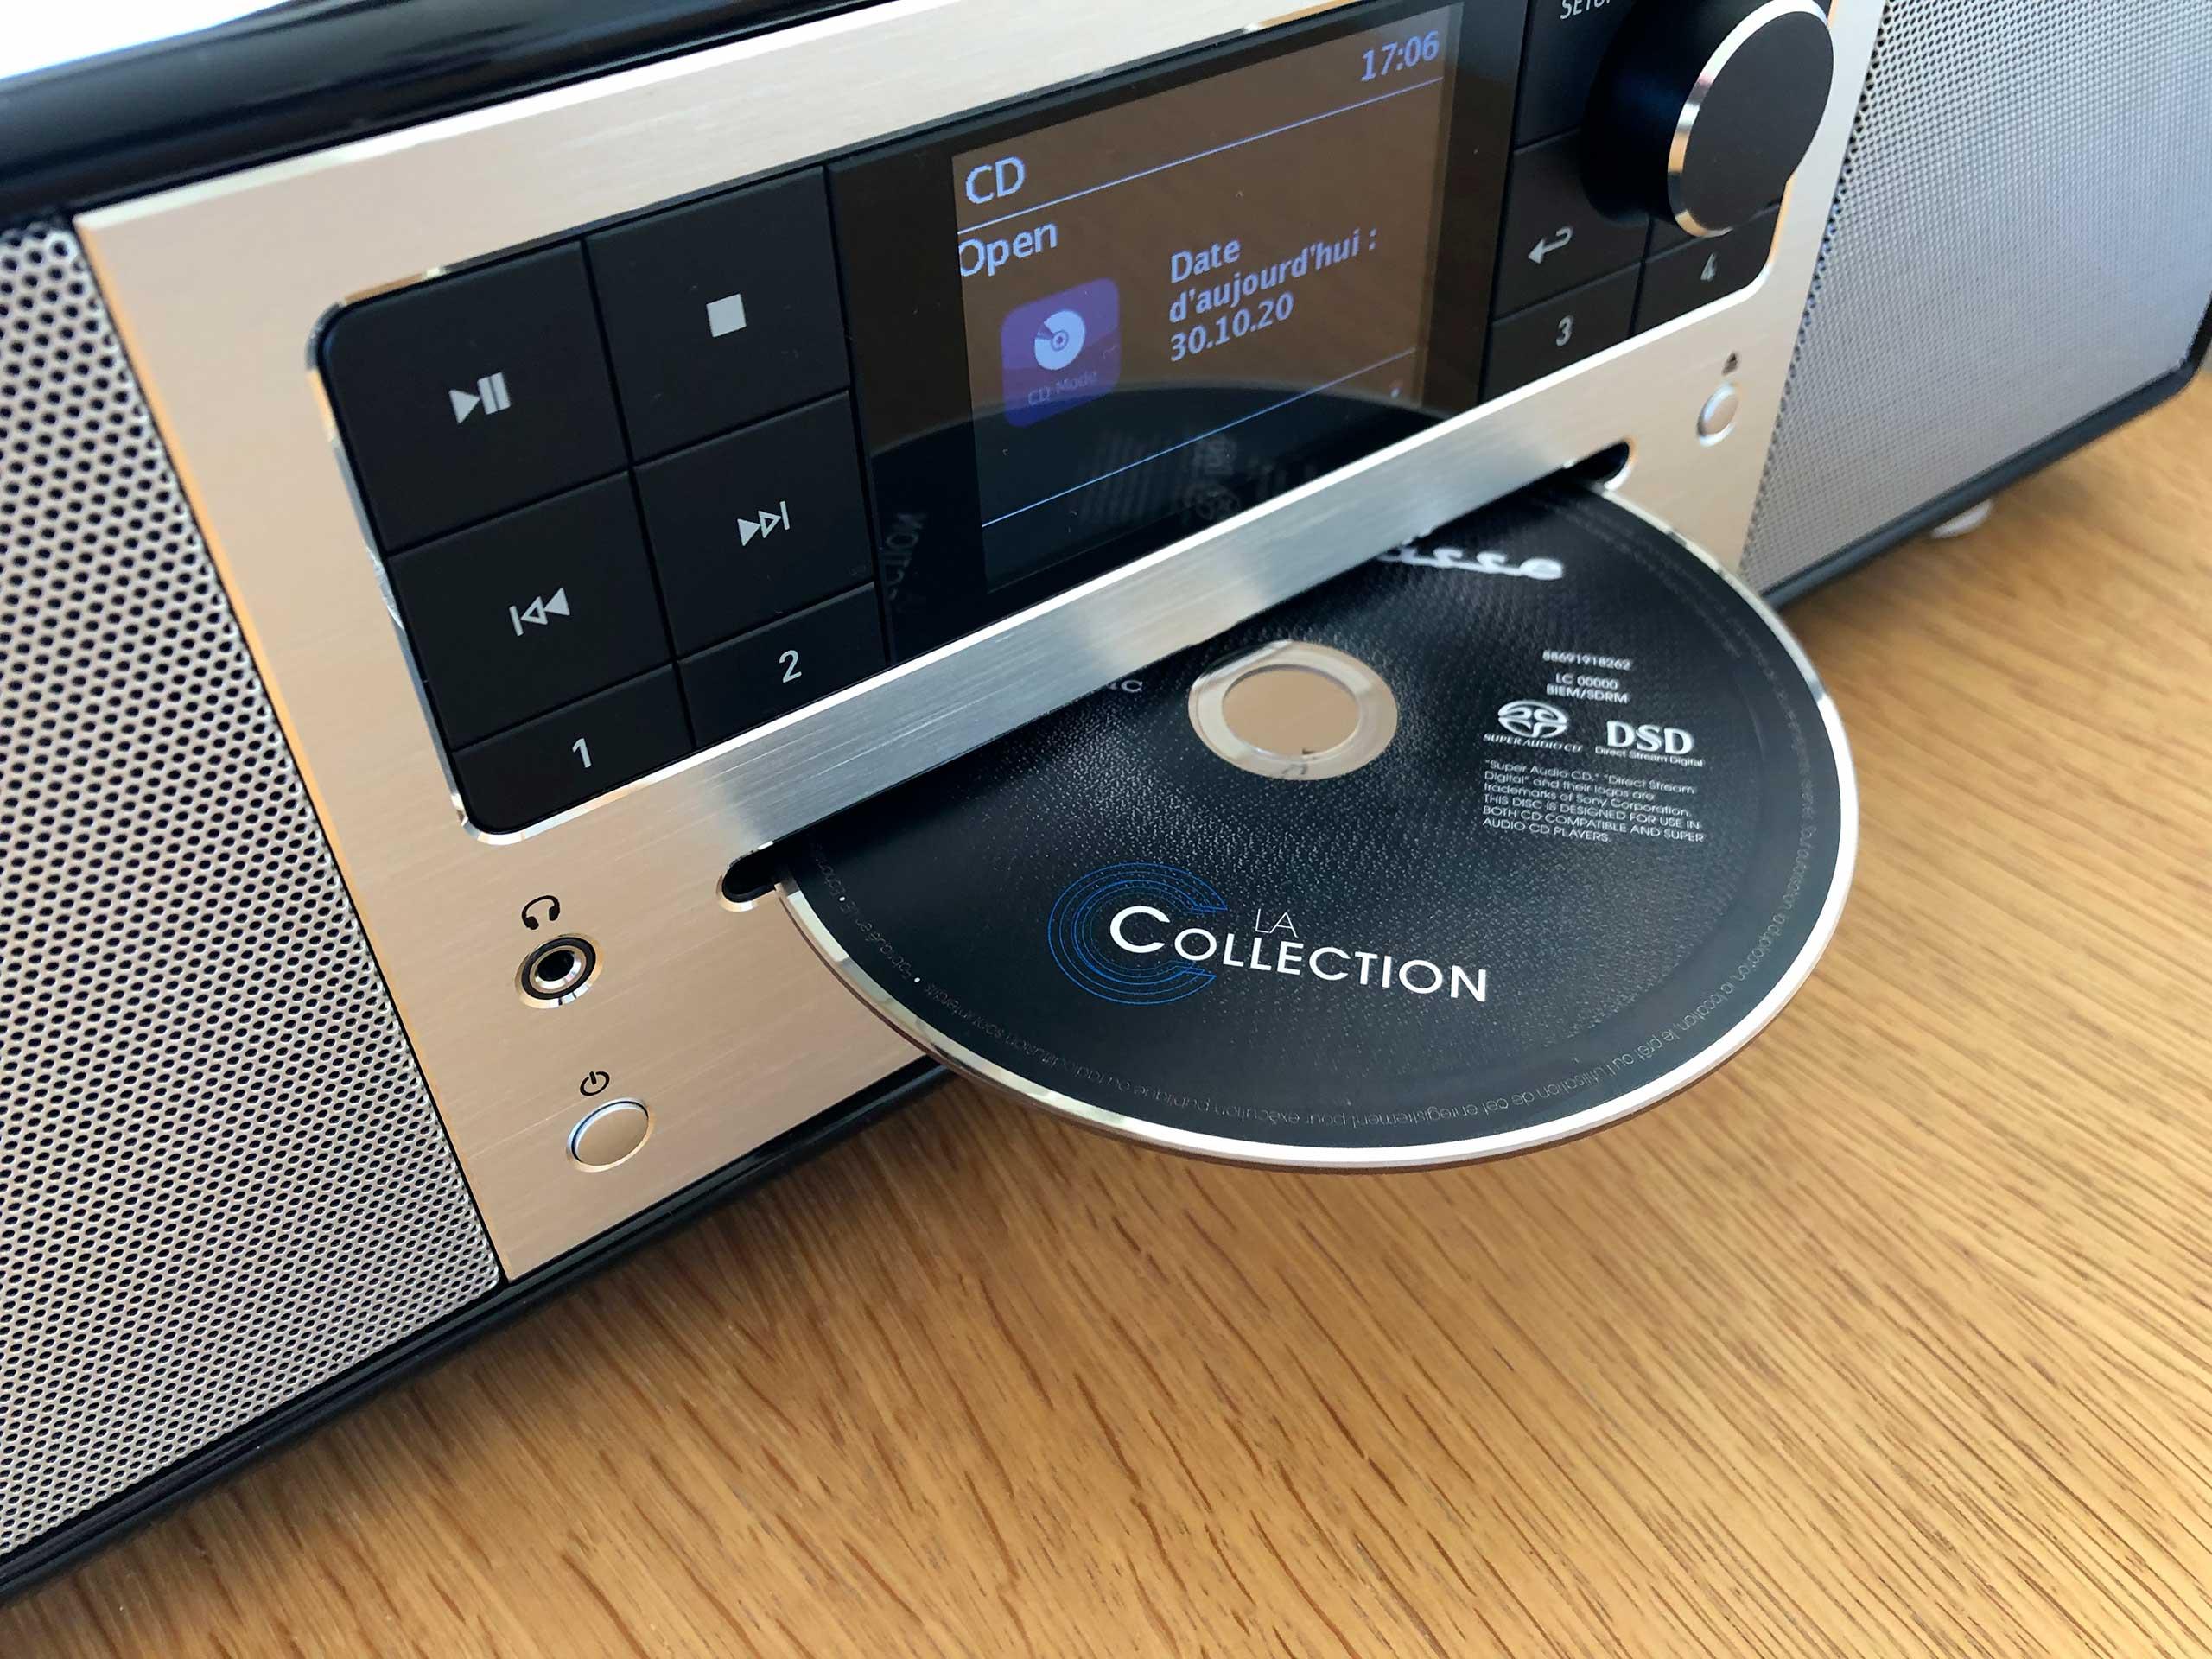 Lecture des CD sur la mini-chaine HiFi, en Bluetooth et WiFi multiroom audio